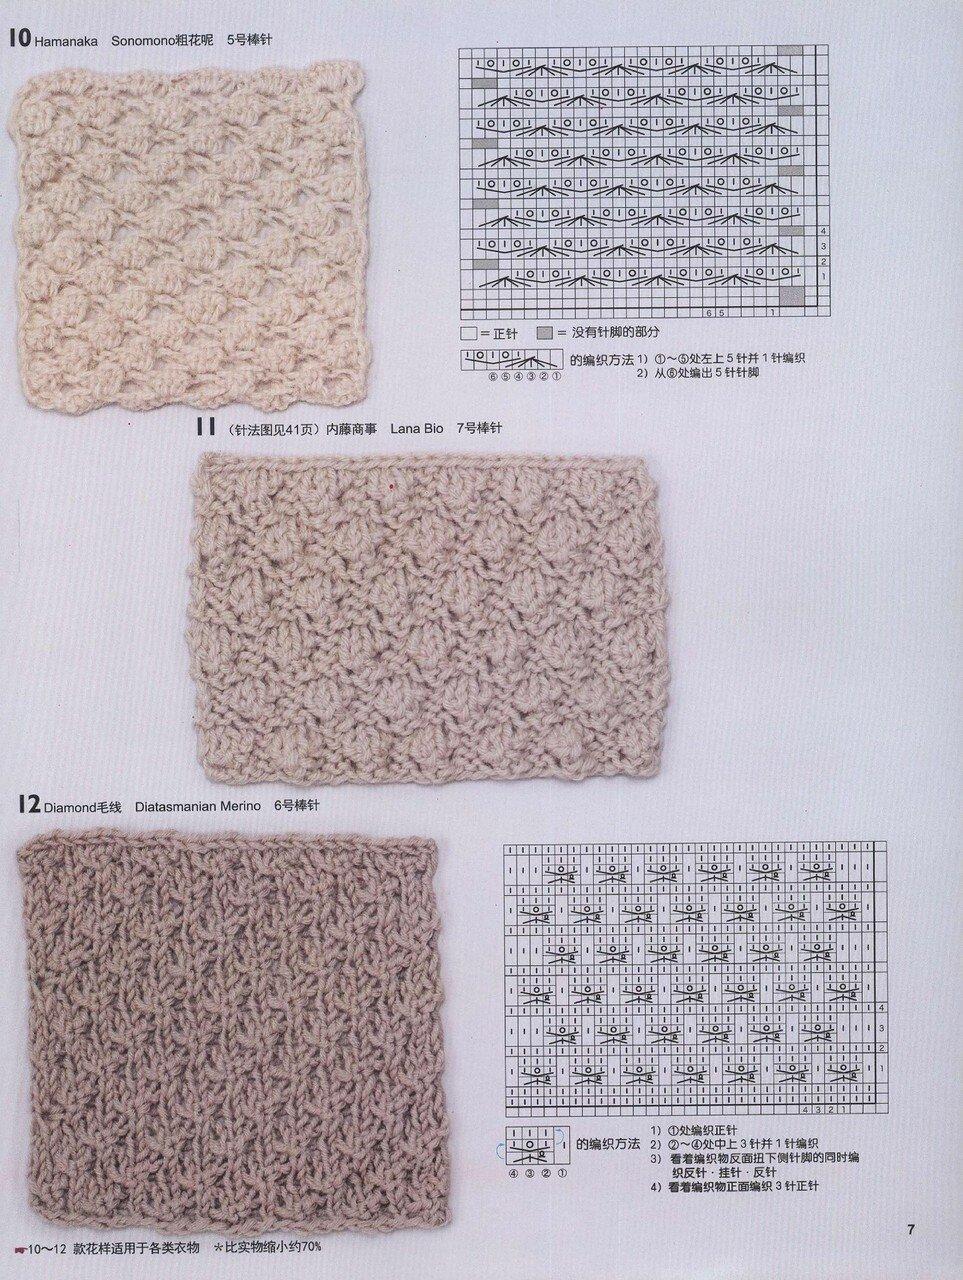 150 Knitting_9.jpg